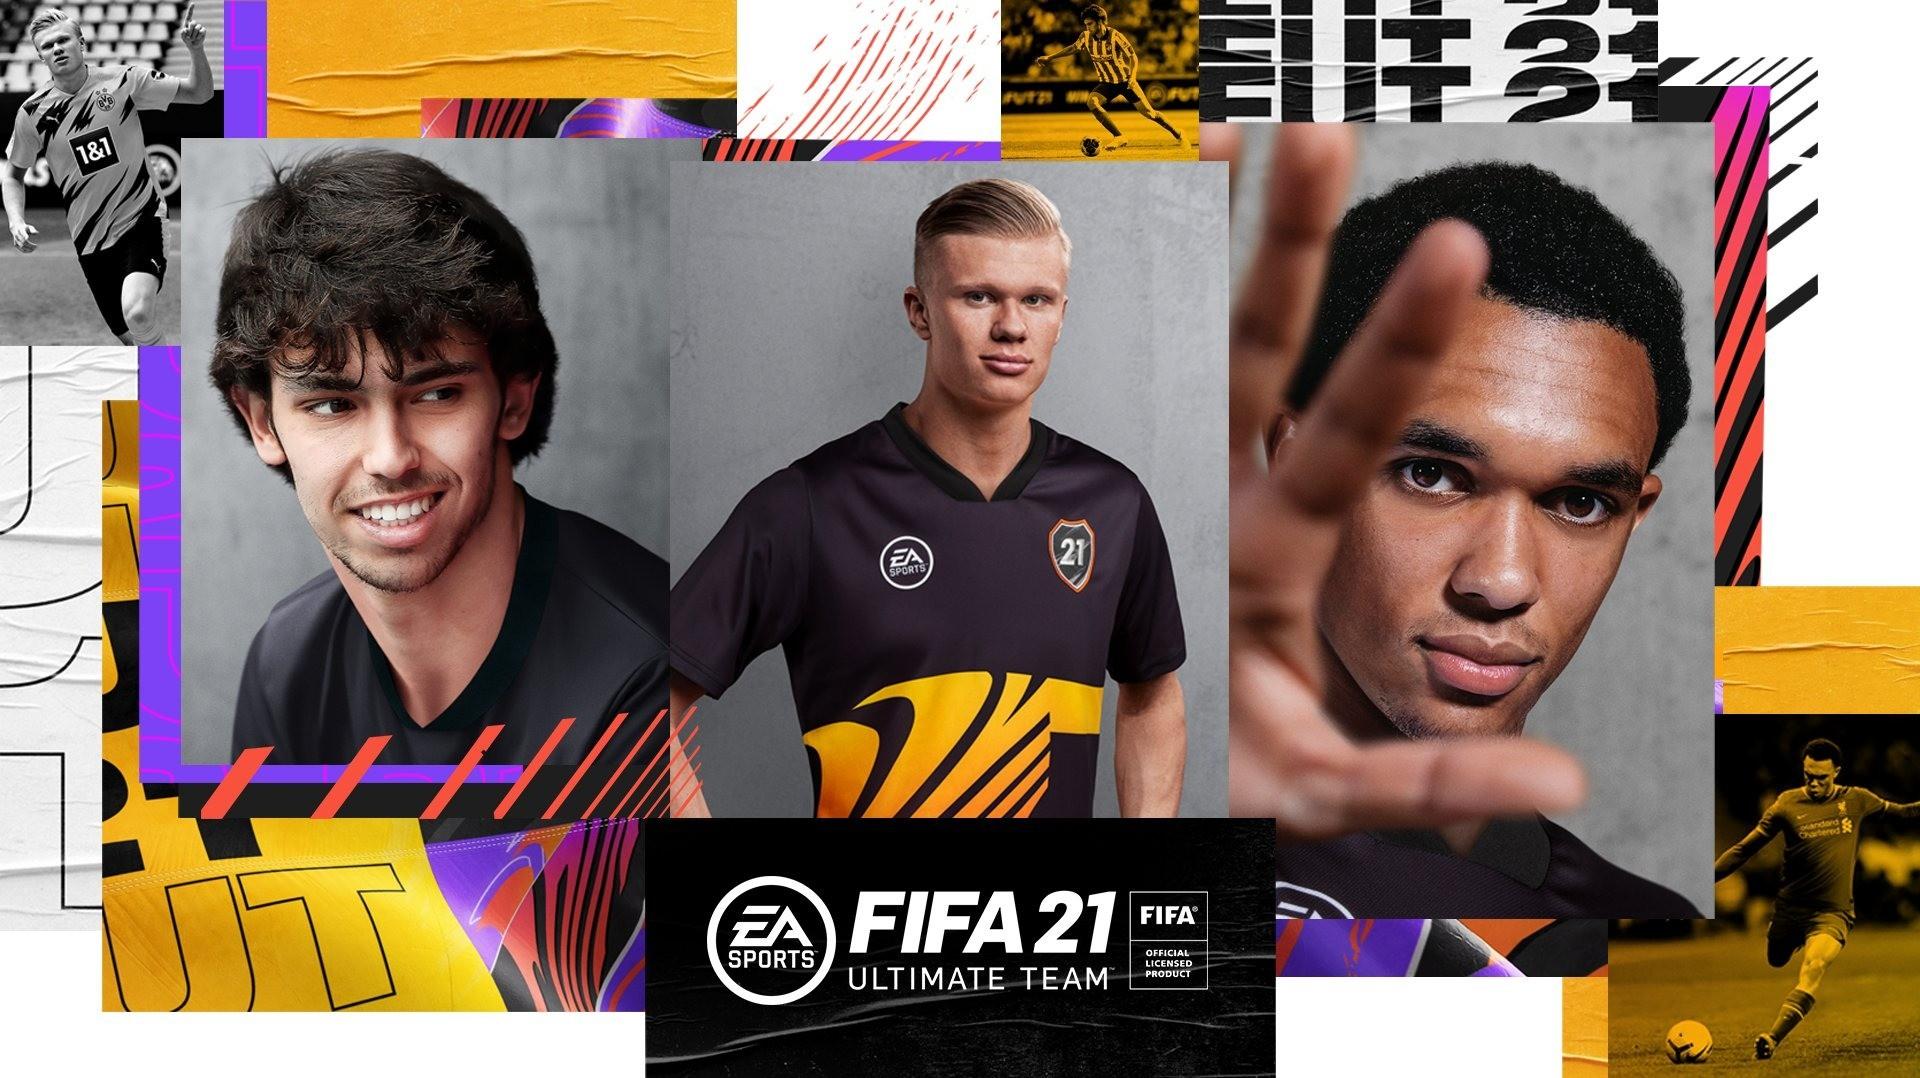 ФКС проведет Кубок России по FIFA 21 Ultimate Team